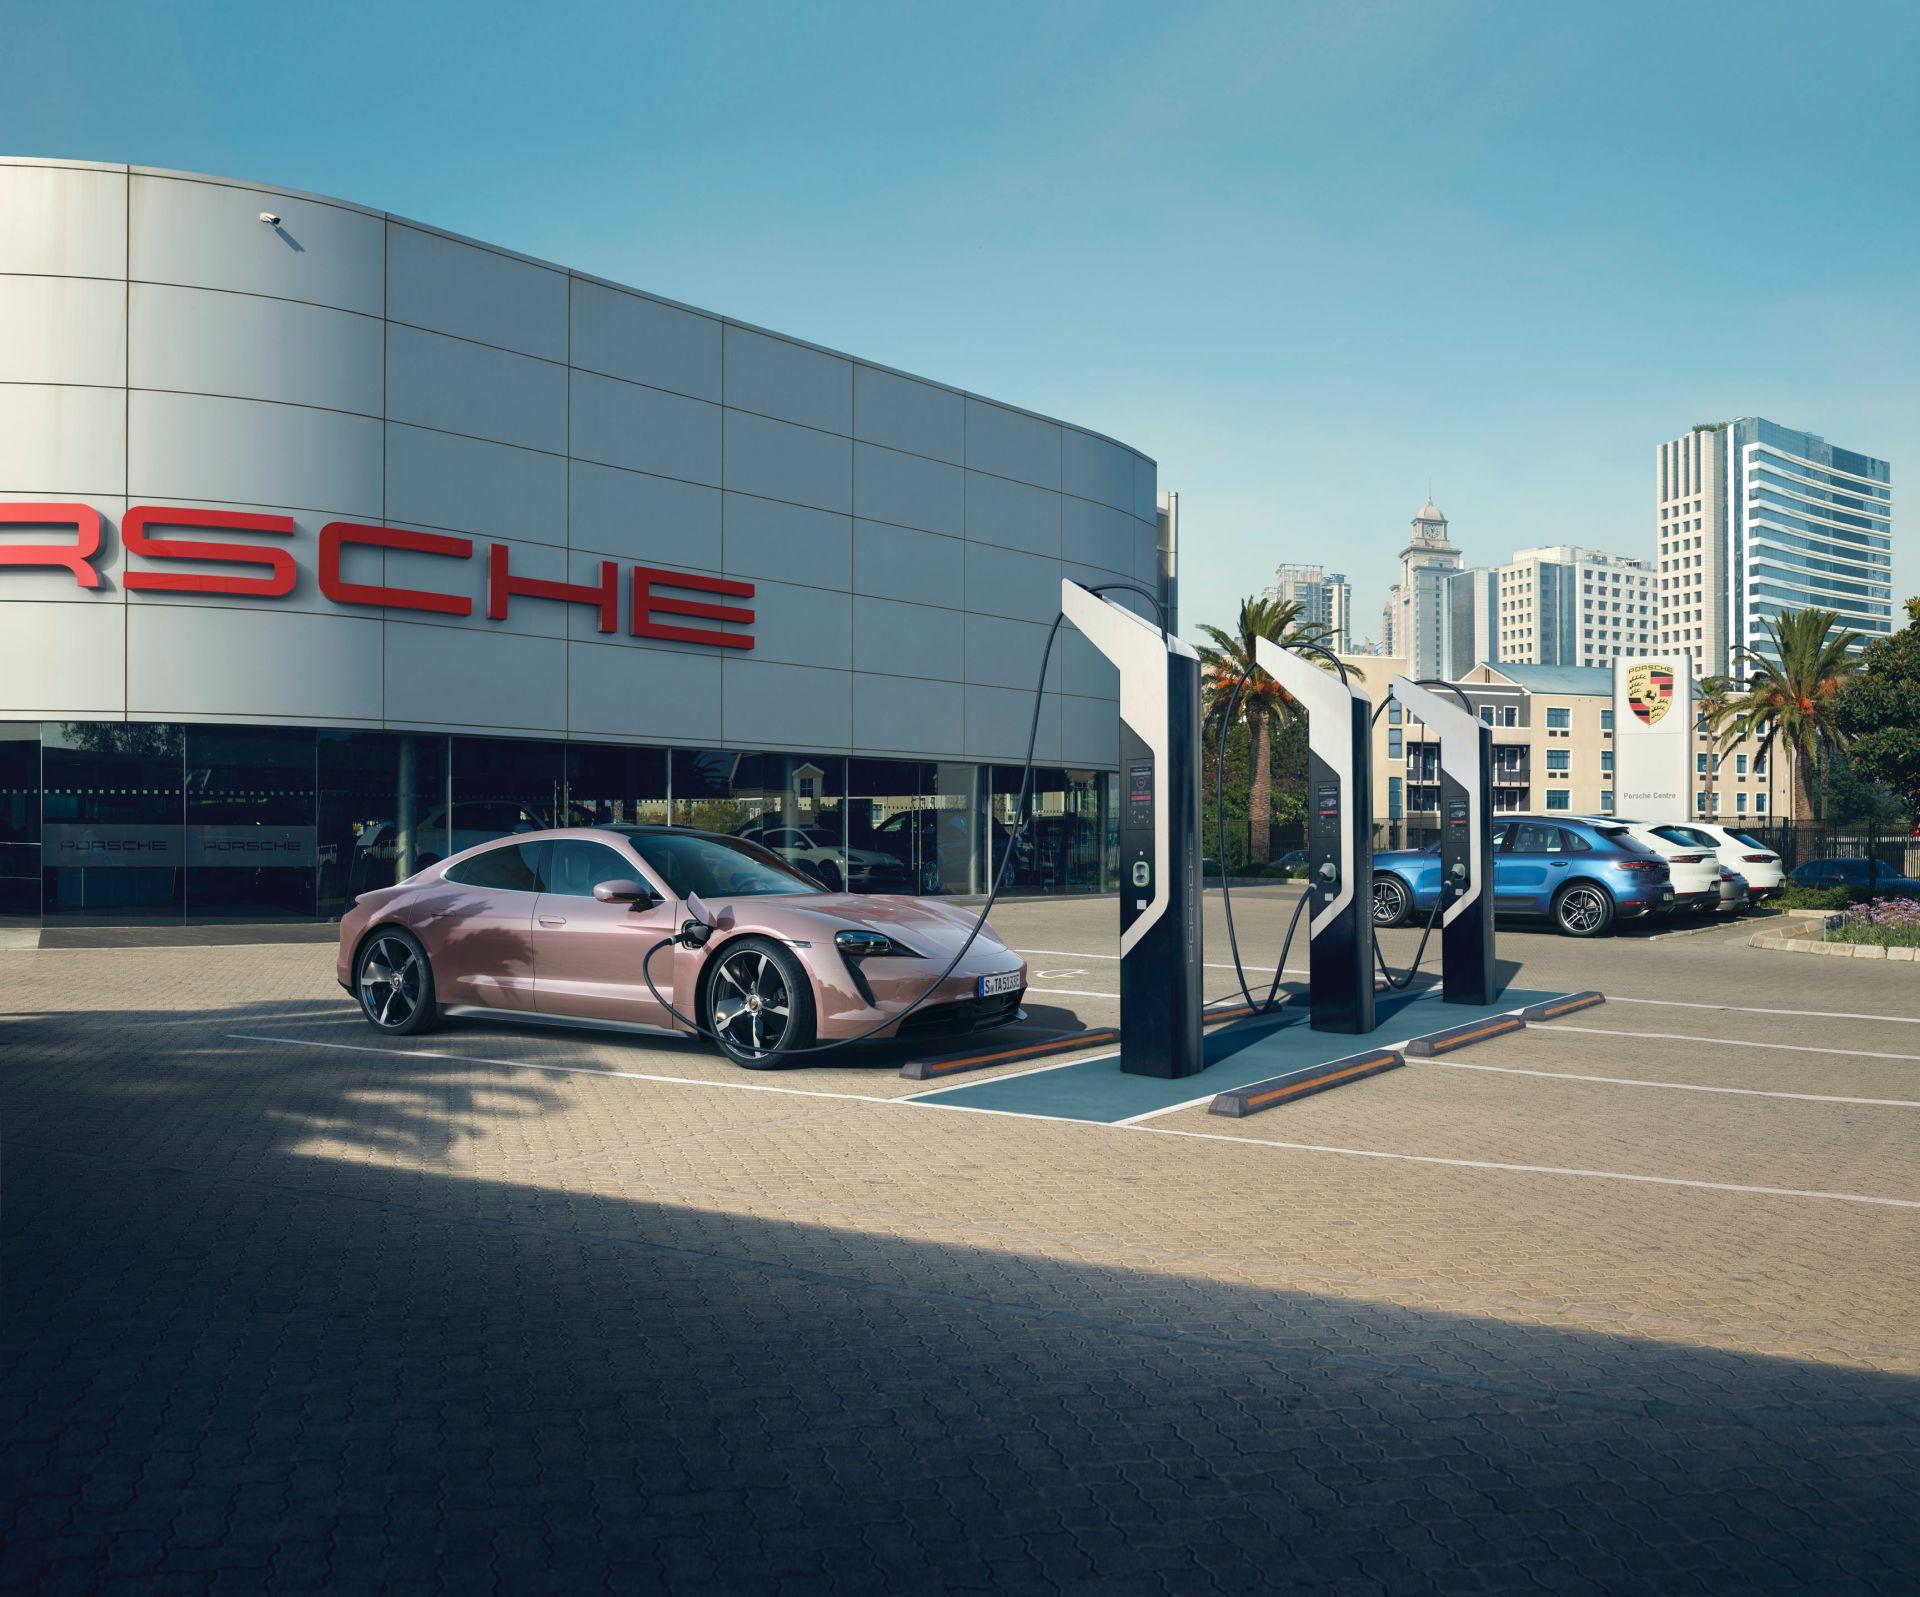 Phiên bản thấp nhất của Porsche Taycan ra mắt tại thị trường xe hơi lớn nhất thế giới                                            -3